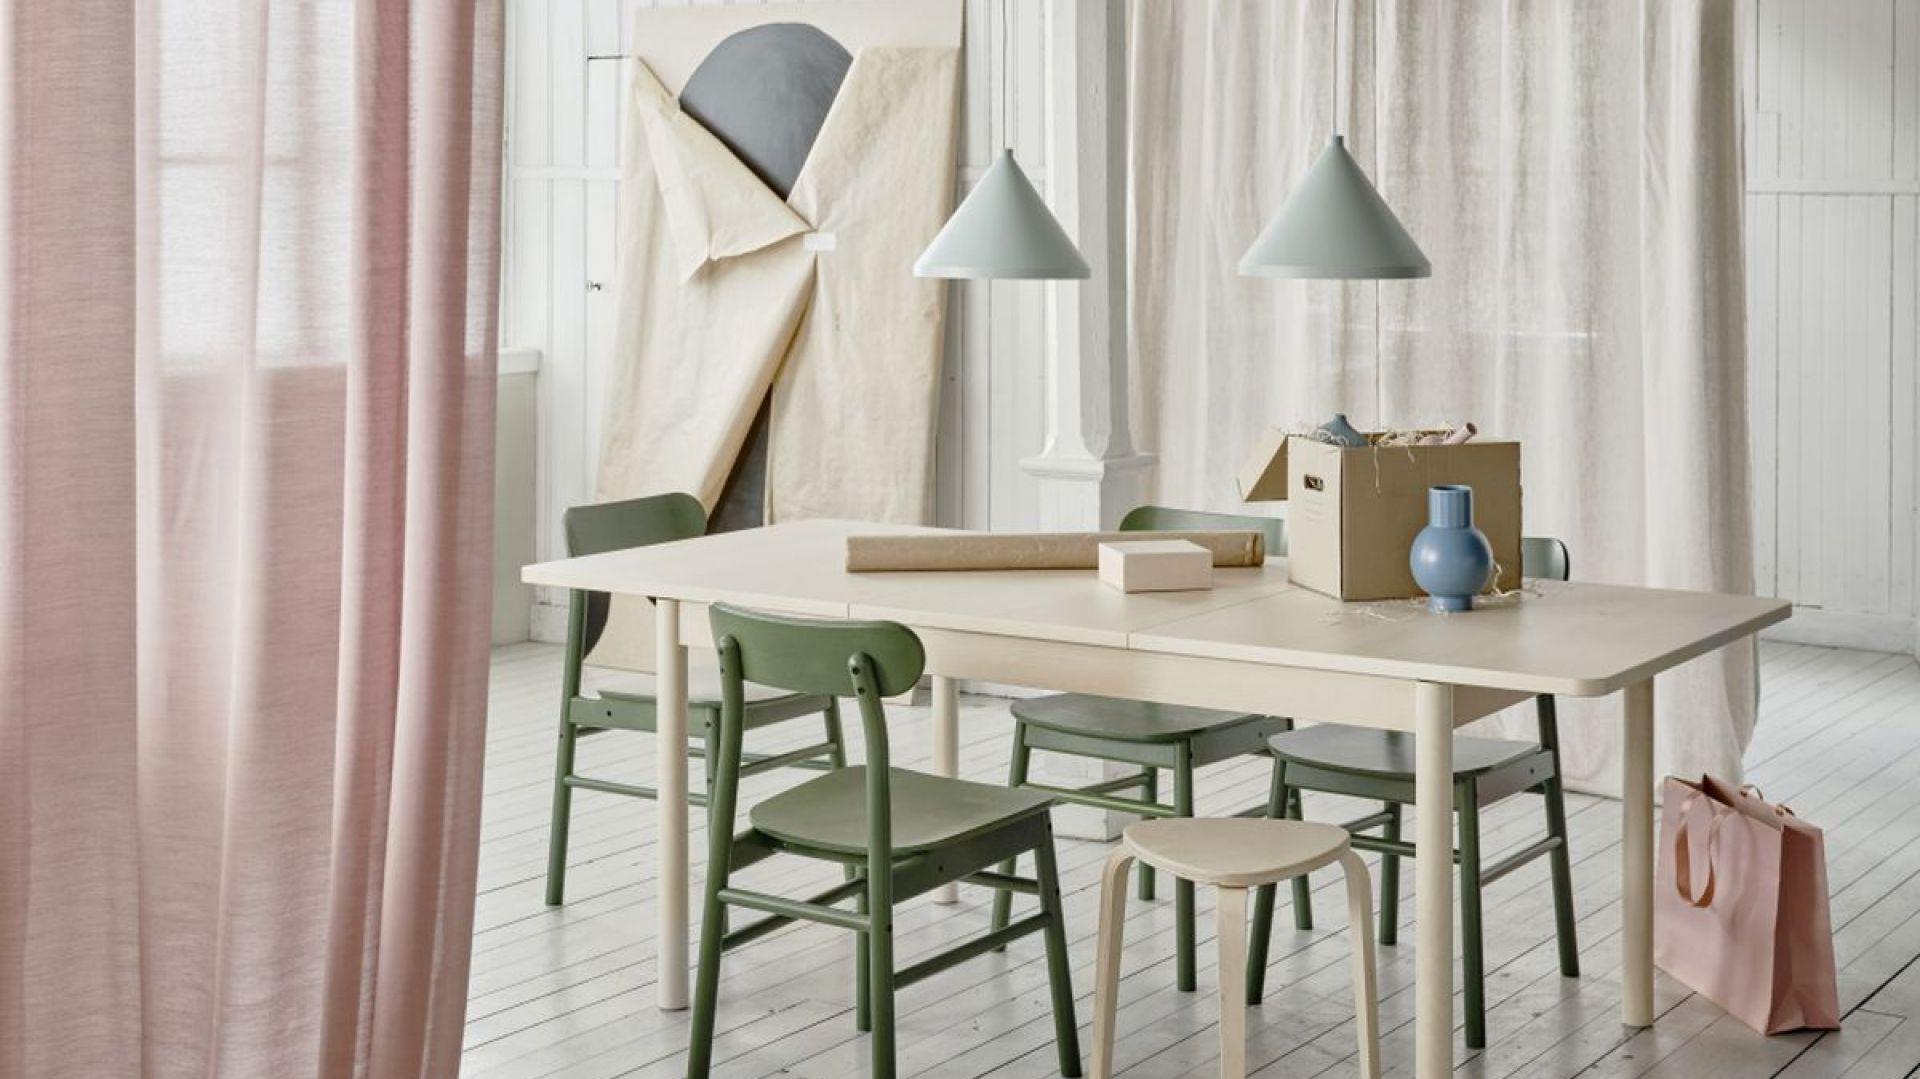 Stół rozkładany RÖNNINGE. Cena: 999 zł. Fot. Ikea